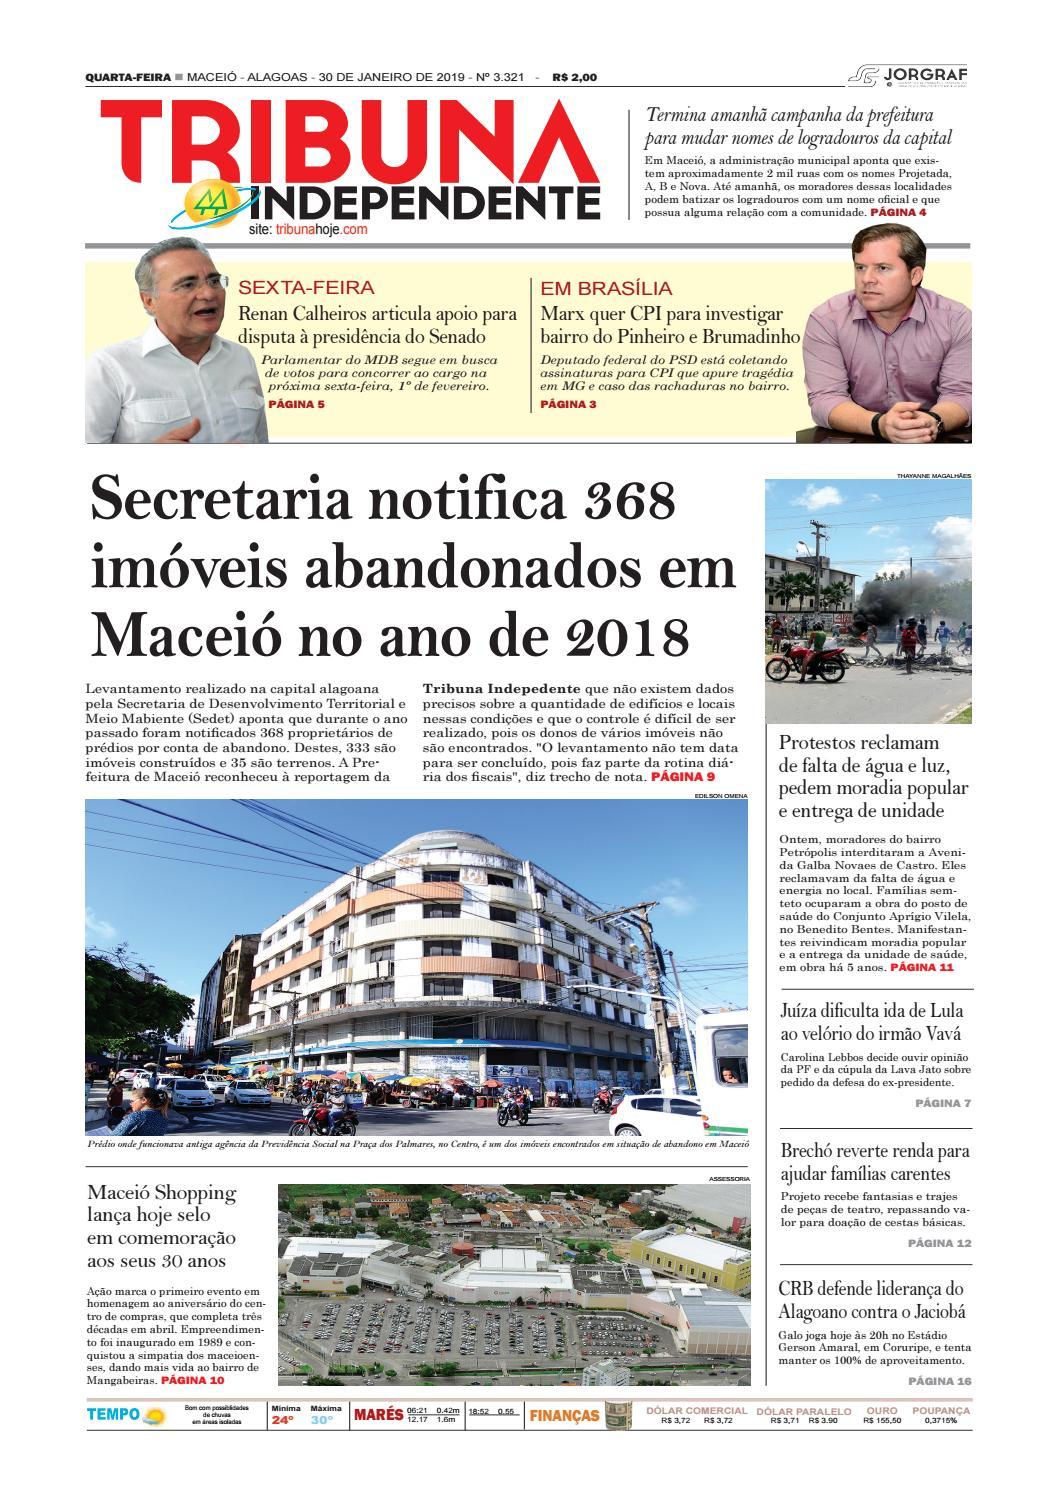 83bd72490 Edição número 3321 - 30 de janeiro de 2019 by Tribuna Hoje - issuu